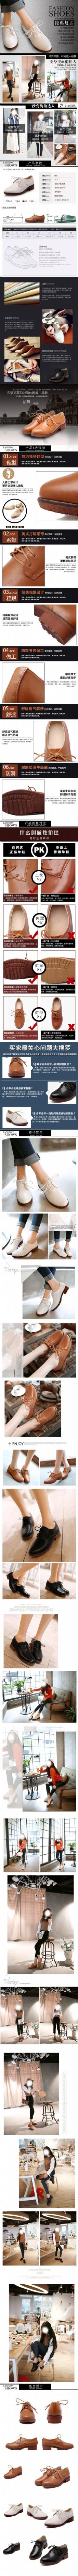 女鞋详情页设计